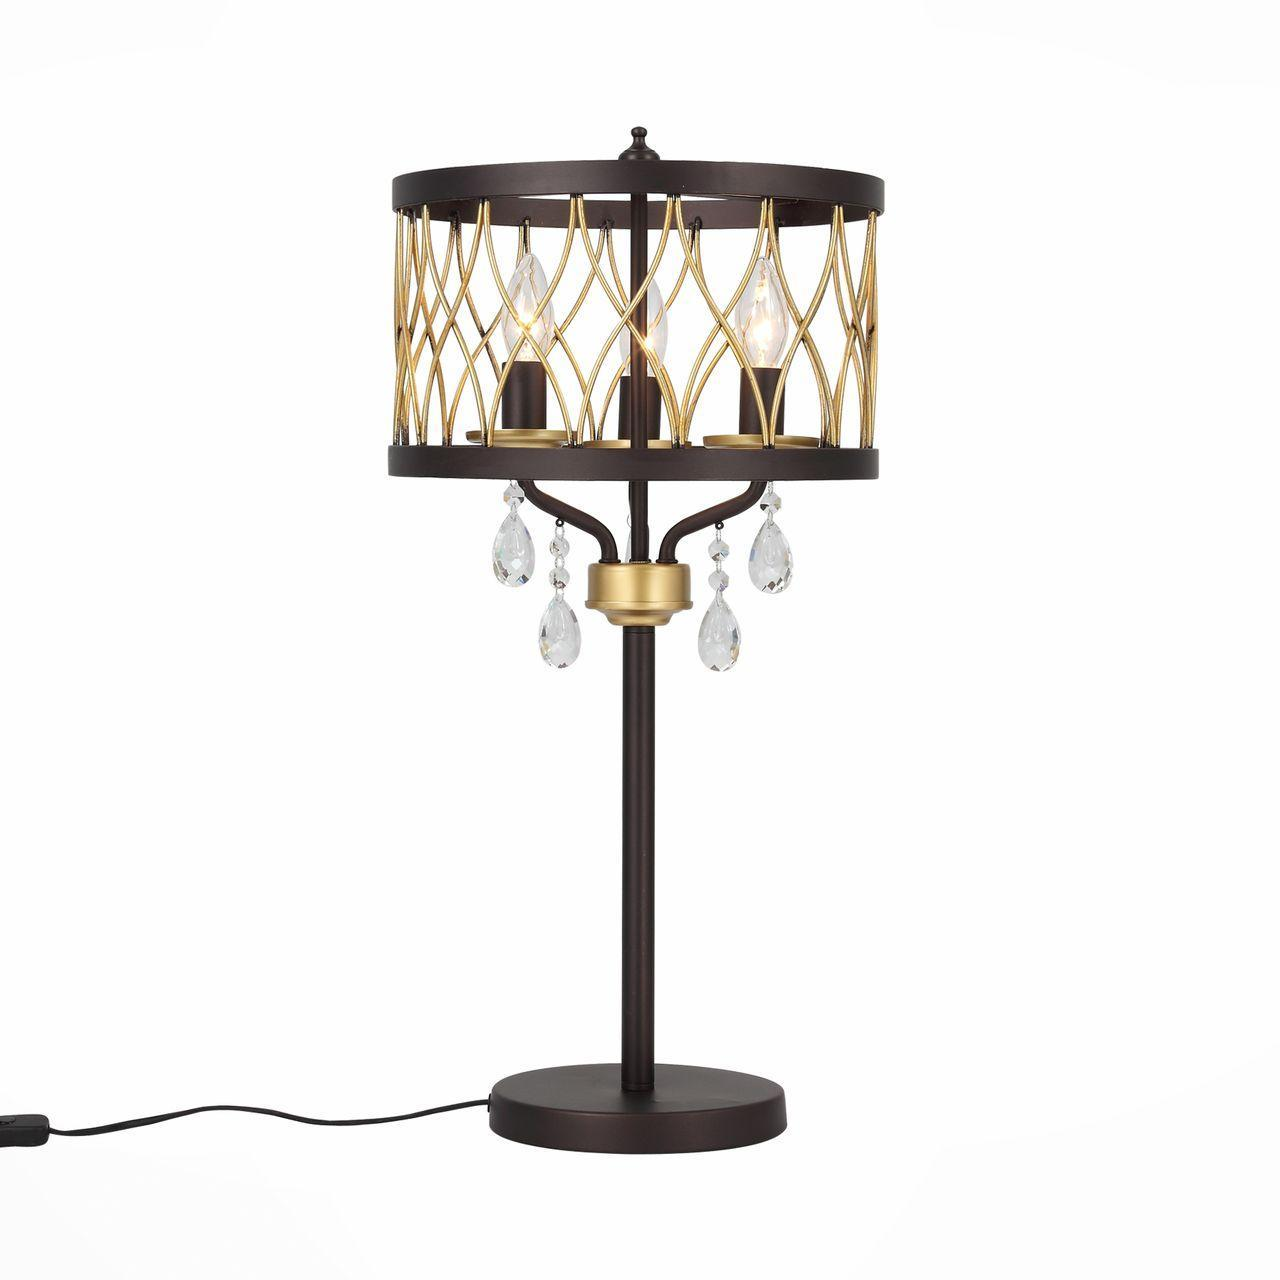 Настольная лампа ST Luce Grassо SL789.424.03 st luce настольная лампа st luce grassо sl789 424 03